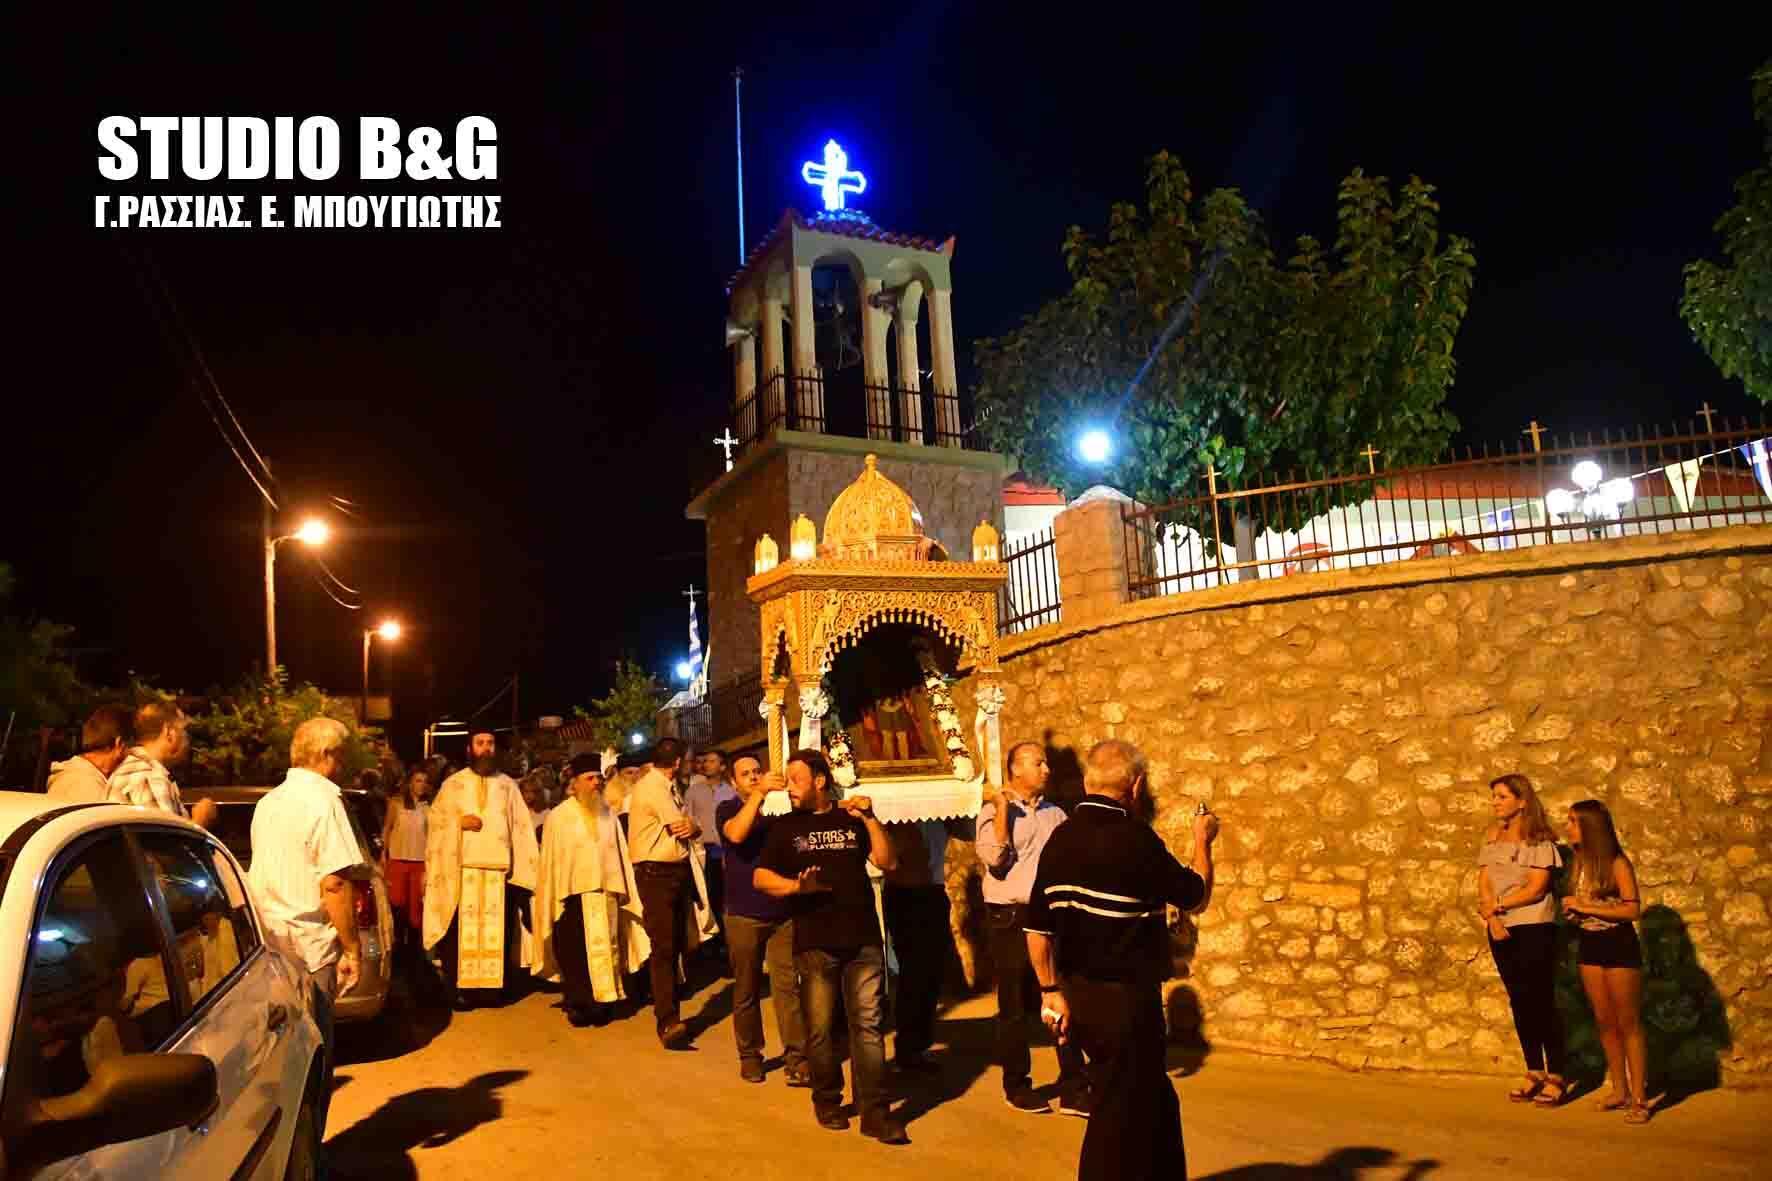 Μητρόπολη Αργολίδος: Εσπερινός του Αγίου Σώζοντος στο Τσέλο